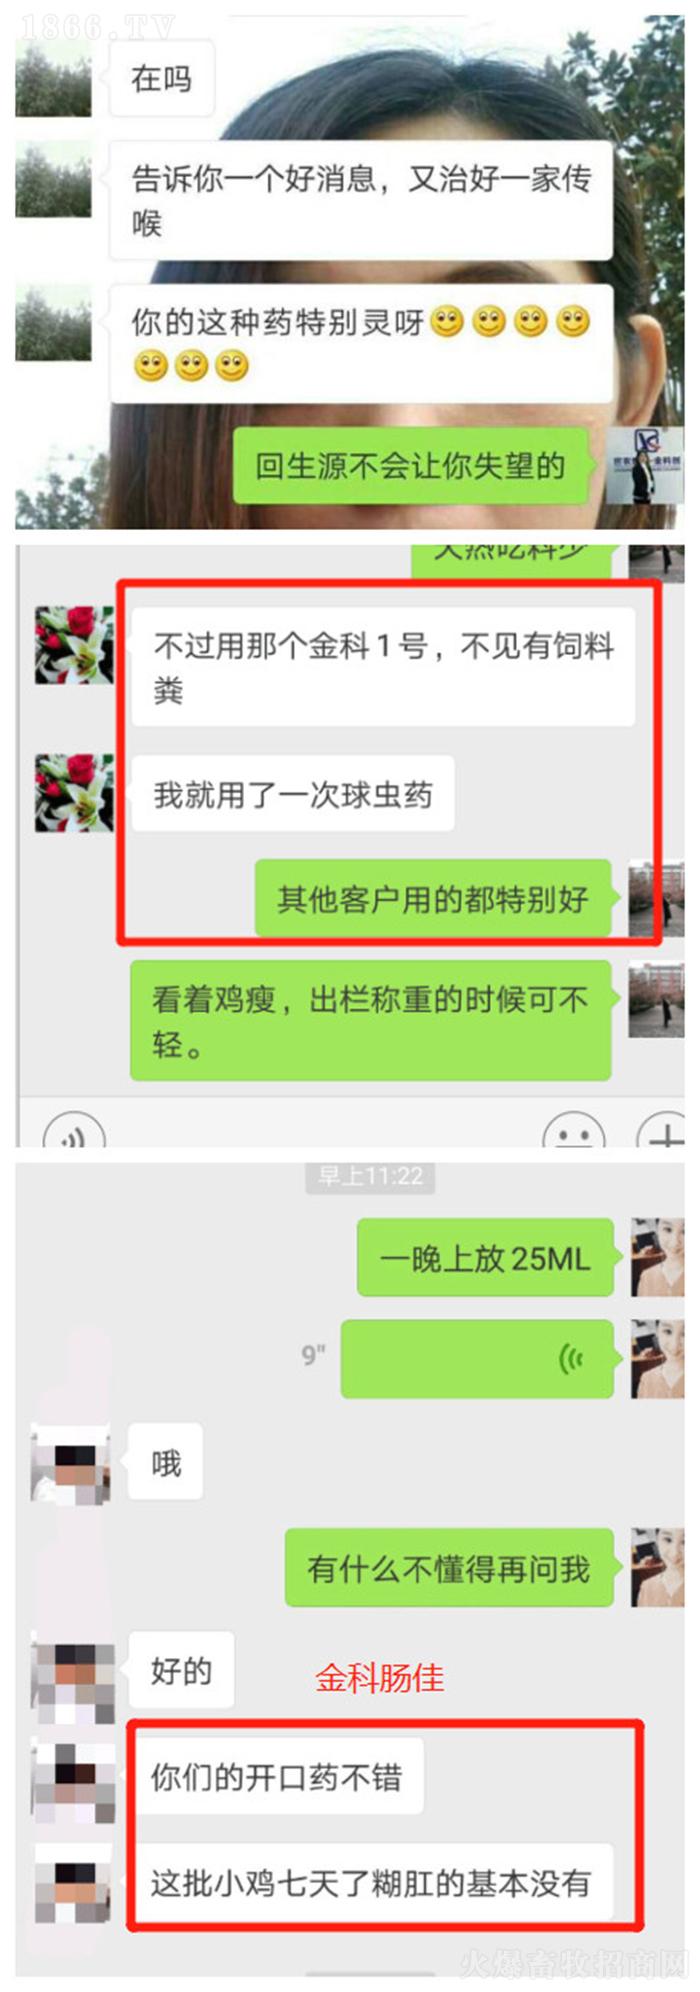 河南金科天润生物工程有限公司